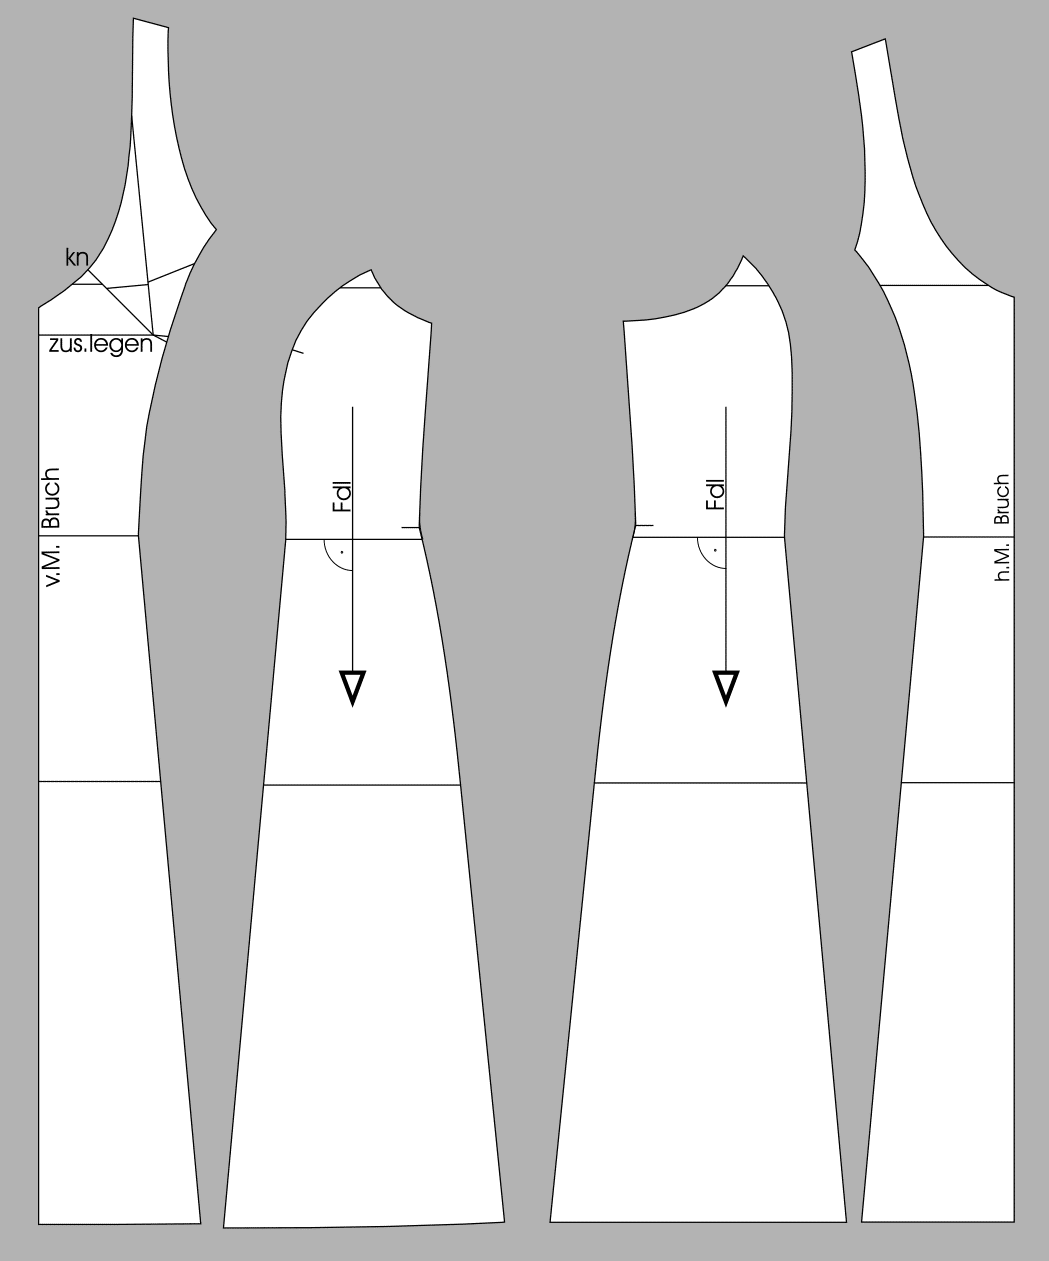 Die Abbildung zeigt die fertigen Schnittteile eines Unterkleides.